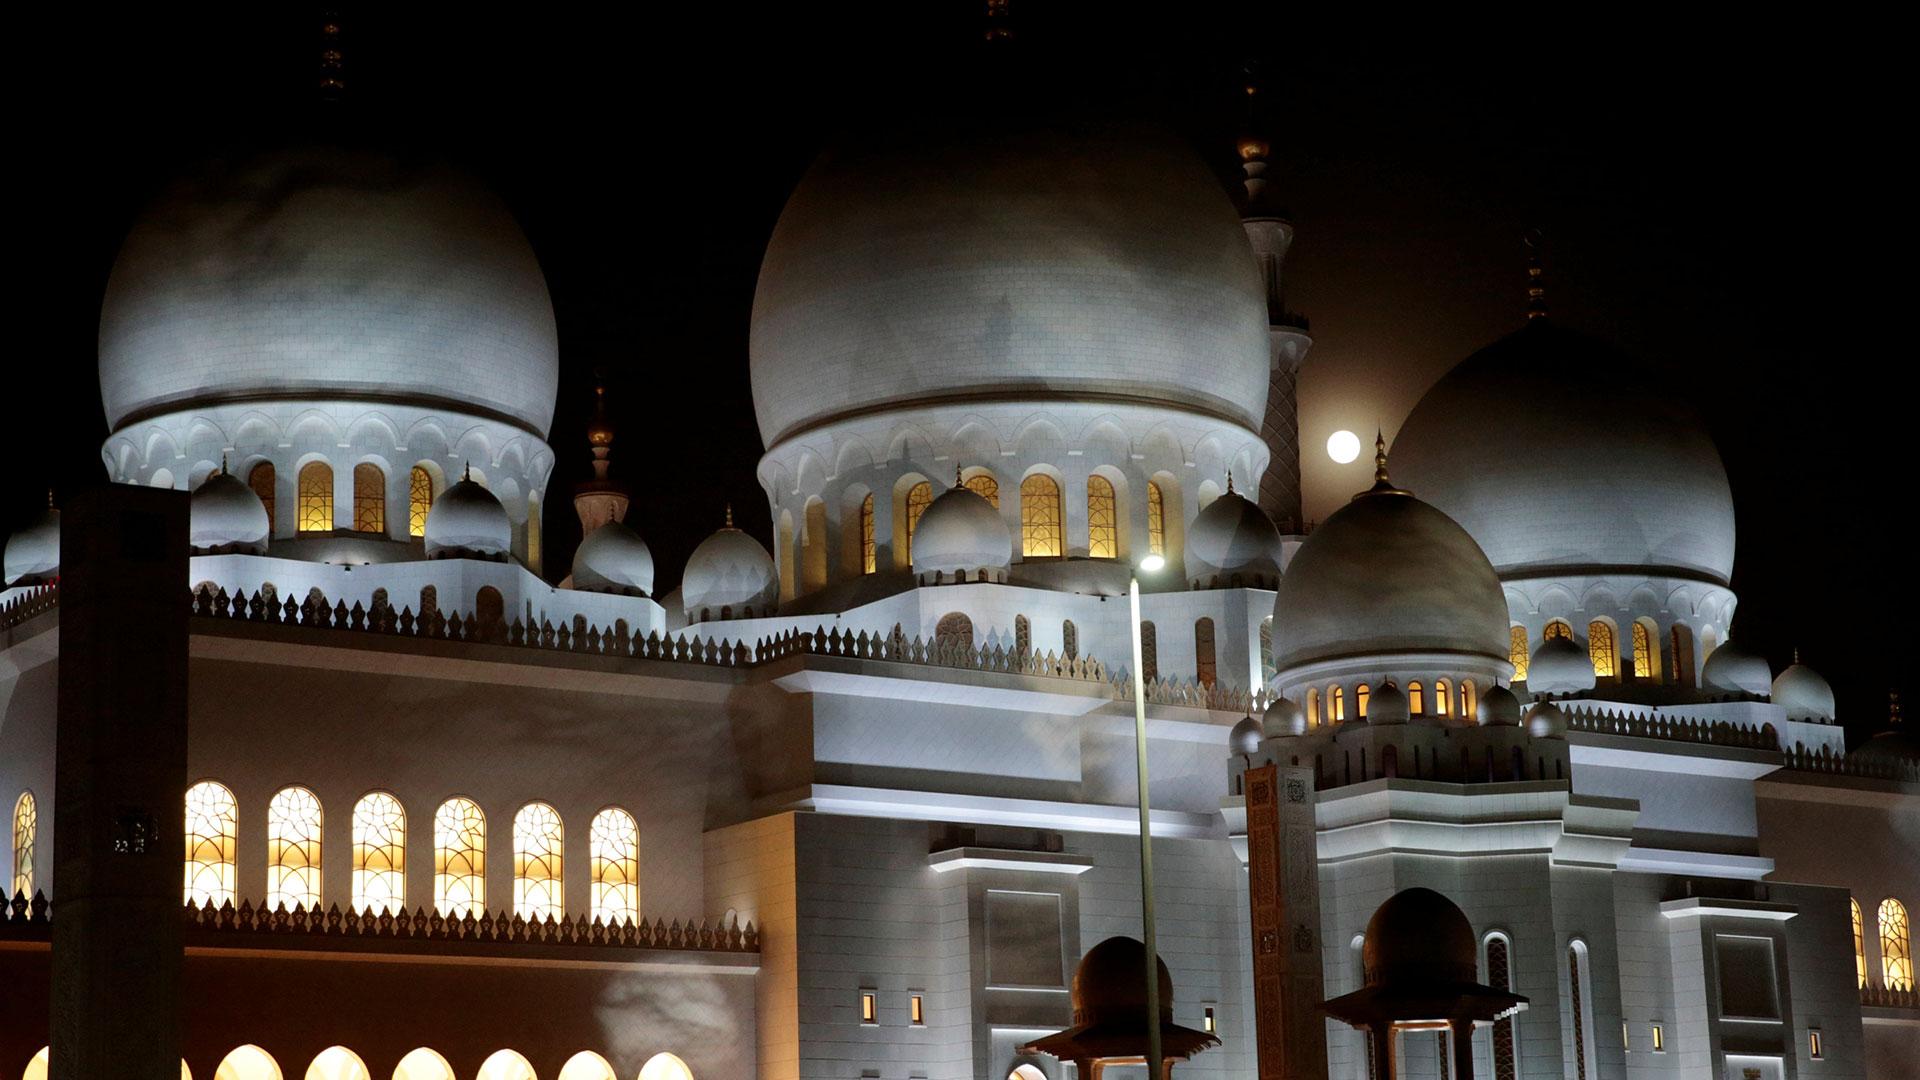 Abu Dhabi. La Luna llena entrará poco a poco en la penumbra y después en la sombra para encontrarse totalmente a oscuras antes de salir progresivamente de dicha zona